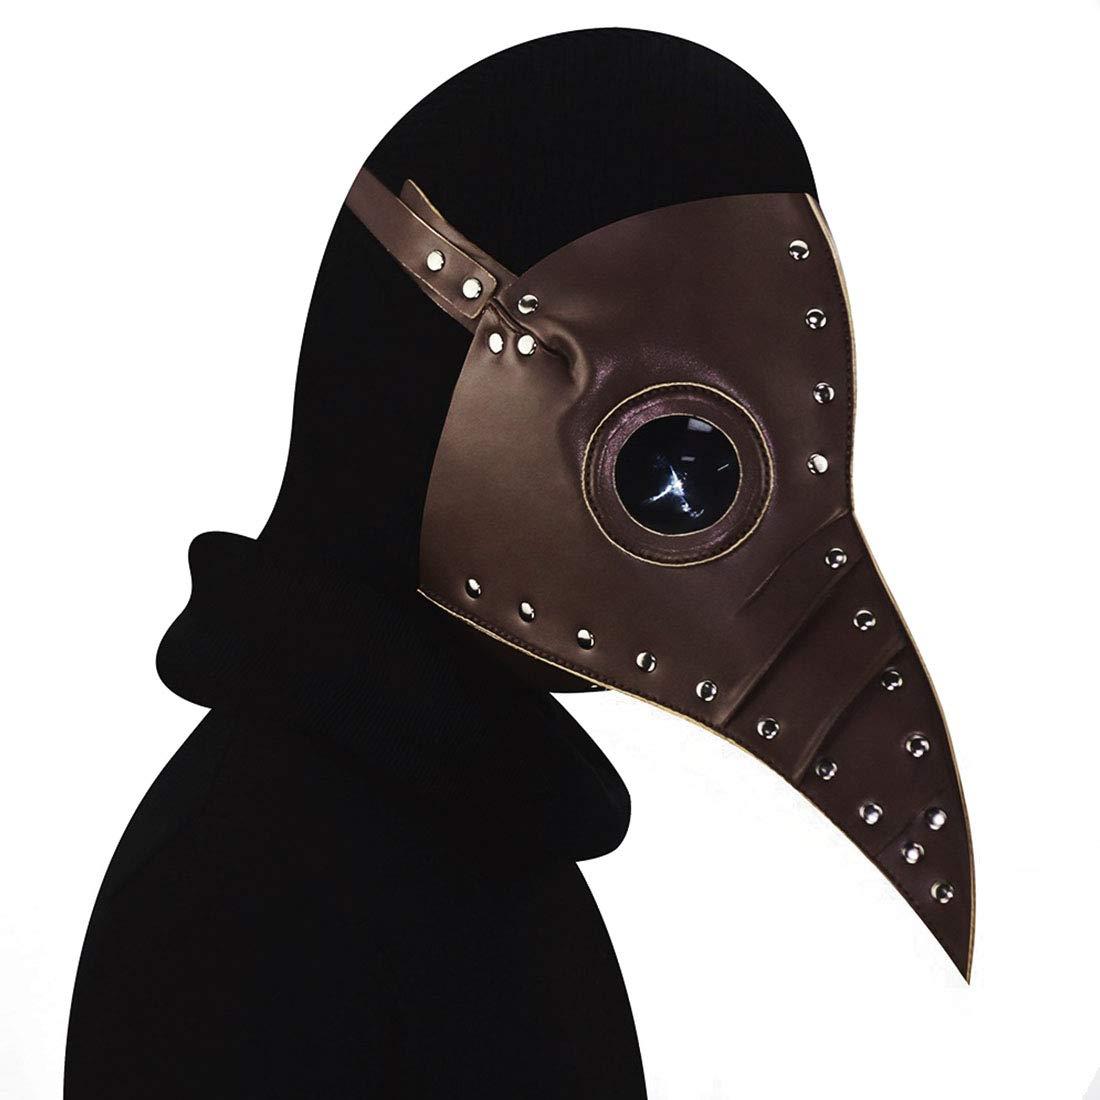 Cvthfyky Leder Steampunk Full Face Pest Arzt Vogel Maske Lange Nase Schnabel Faux Cosplay Halloween Weihnachten Kostüm Requisiten (Farbe   Style5) B07M6PT3R7 Masken für Erwachsene Online-Shop   Ästhetisches Aussehen